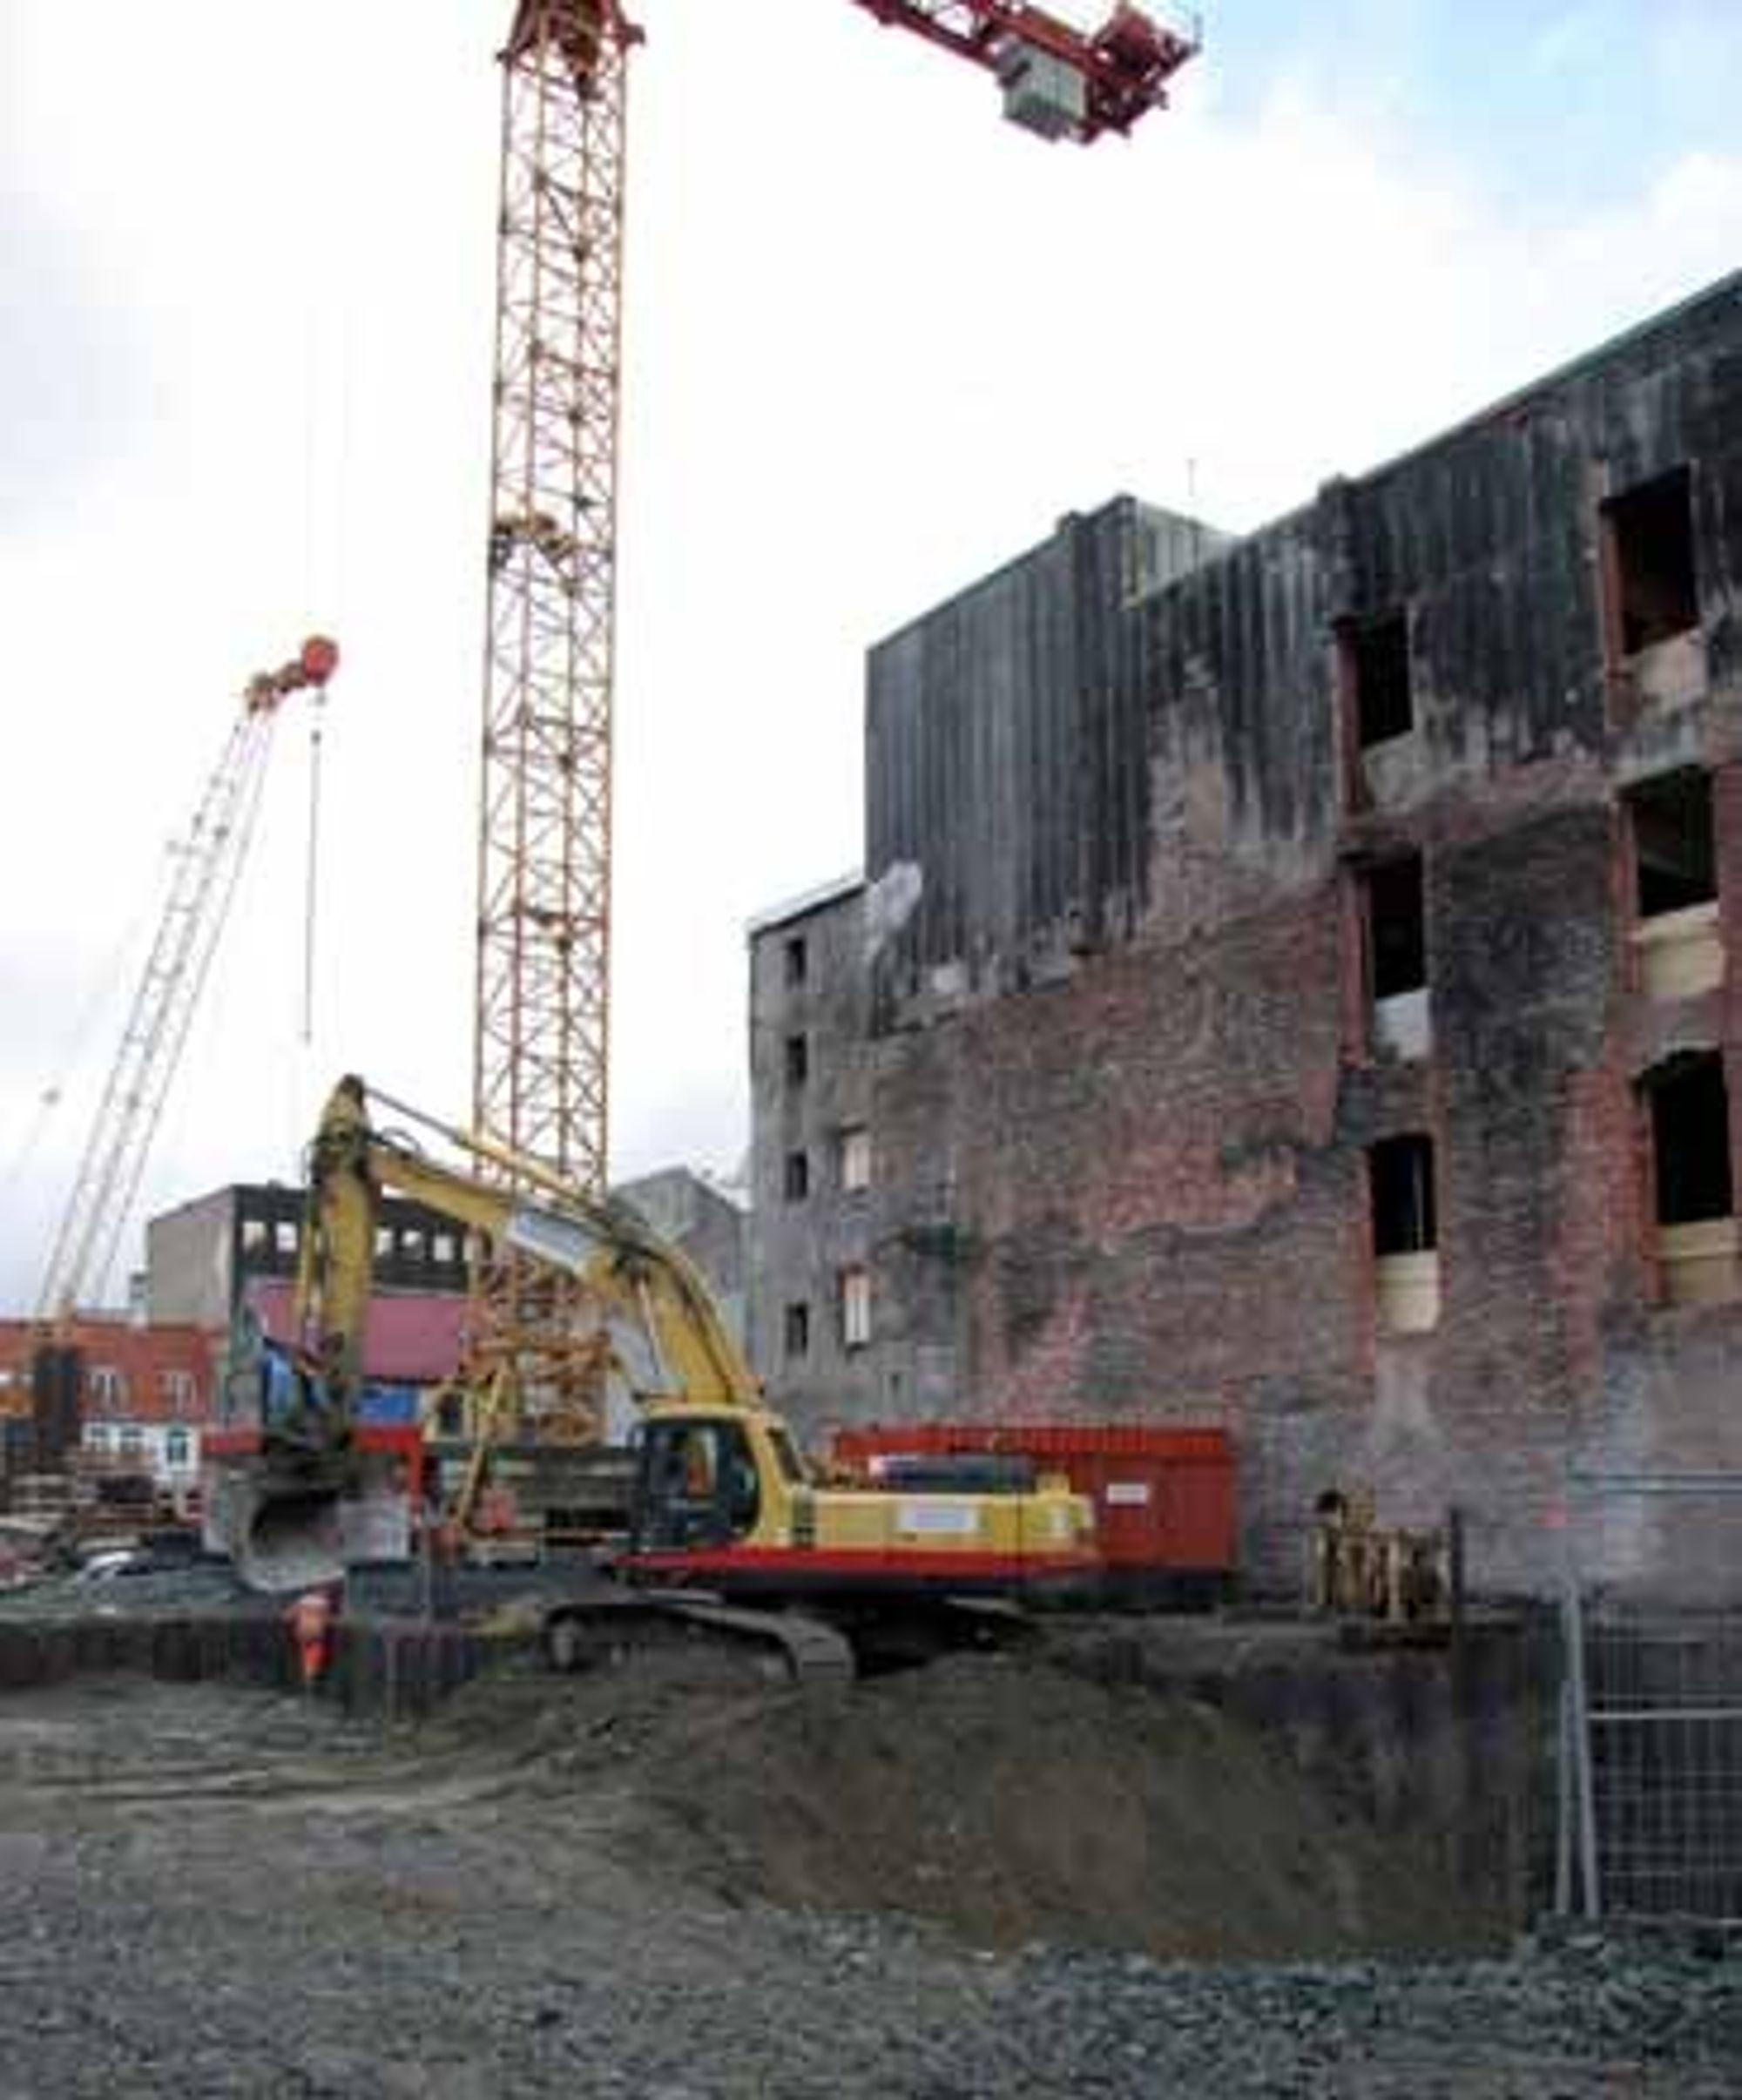 Reinertsen Anlegg A/S er totalentrepenør for prosjektet Tjære Trondheim, gjenoppbyggingen av brannkvartalet fra 2002.  Utfordringer: bæresystem bestående av laminerte tresøyler og tredragere med hulldekker av betong. I fasadene bryter konstruksjonene gjennom klimaskjermen og må takle klimasvingninger.  - Såvidt meg bekjent, er tre ikke brukt på en slik måte tidligere. Firmaet vårt har hyrt inn eksperter fra Byggforsk (NBI) til å kvalitetssikre noen av de tekniske løsningene og byggeprosessesen i forhold til fuktsikring, sier Broli.